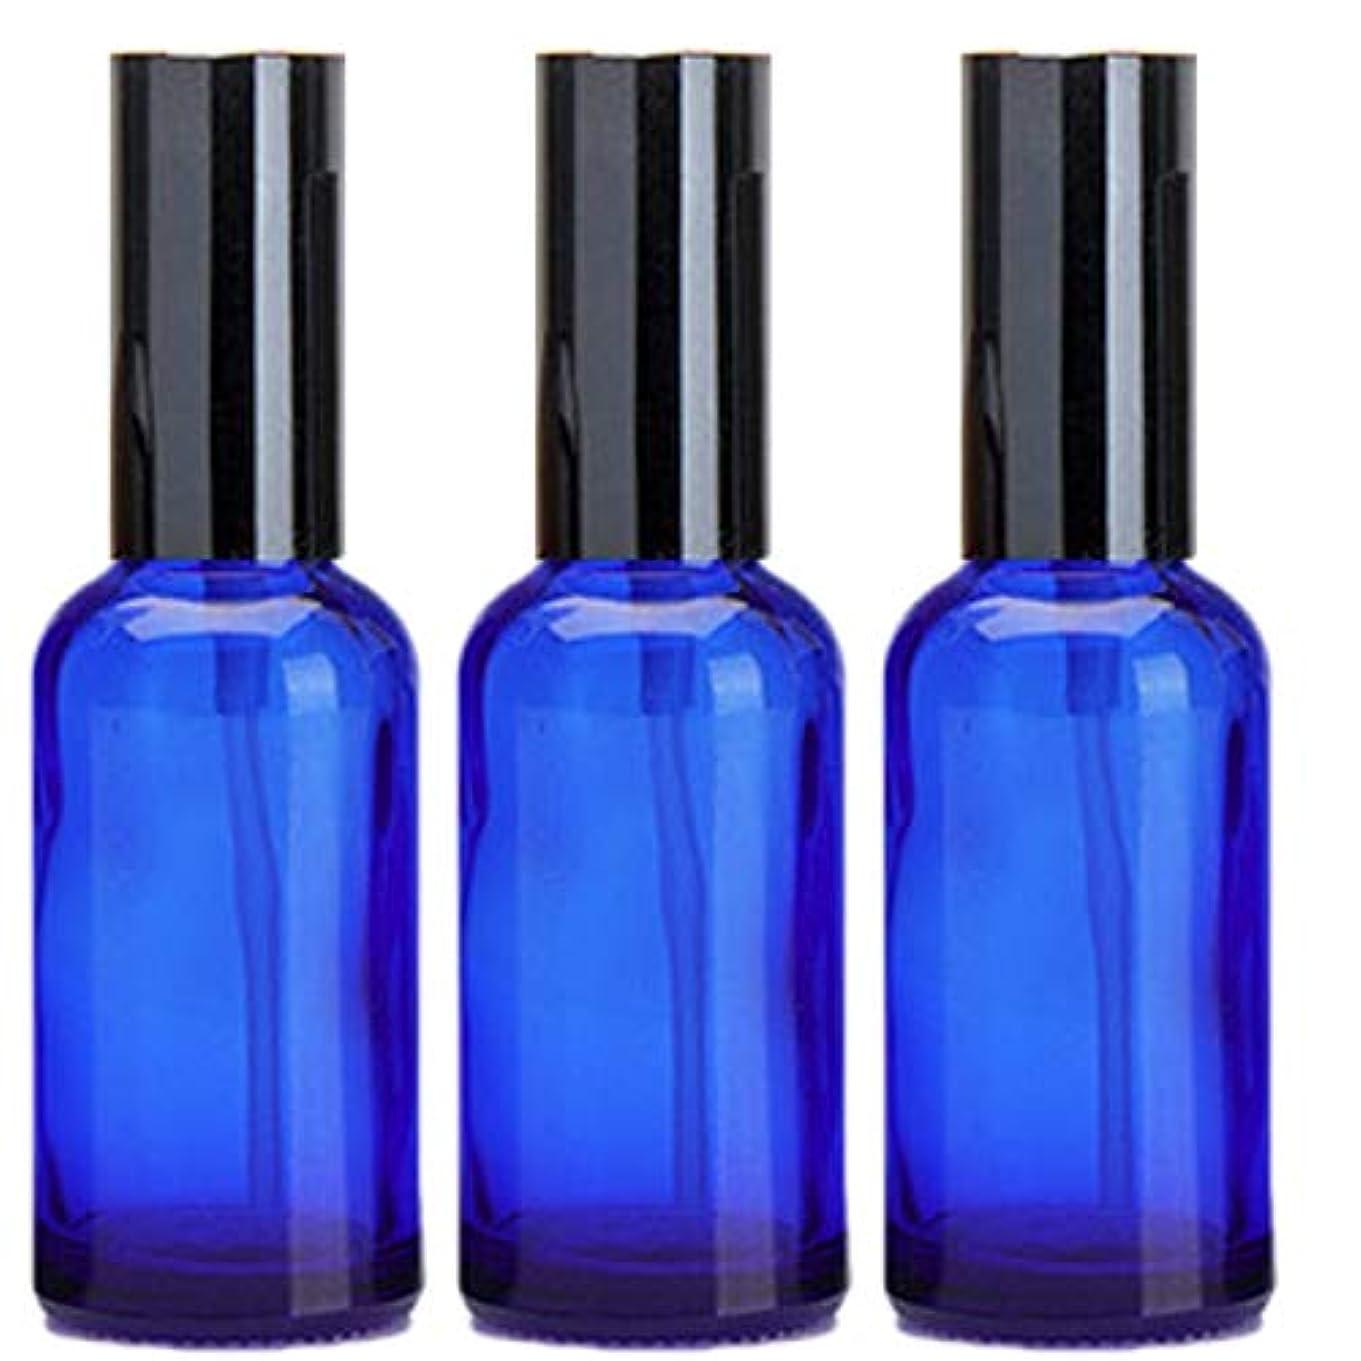 番号再開偽造乳液 ボトル 3本セット クリーム容器 アロマクリーム ハンドクリーム 遮光瓶 ガラス 瓶 アロマ ボトル ビン 保存 詰替え 青色 ブルー (30m?3本)